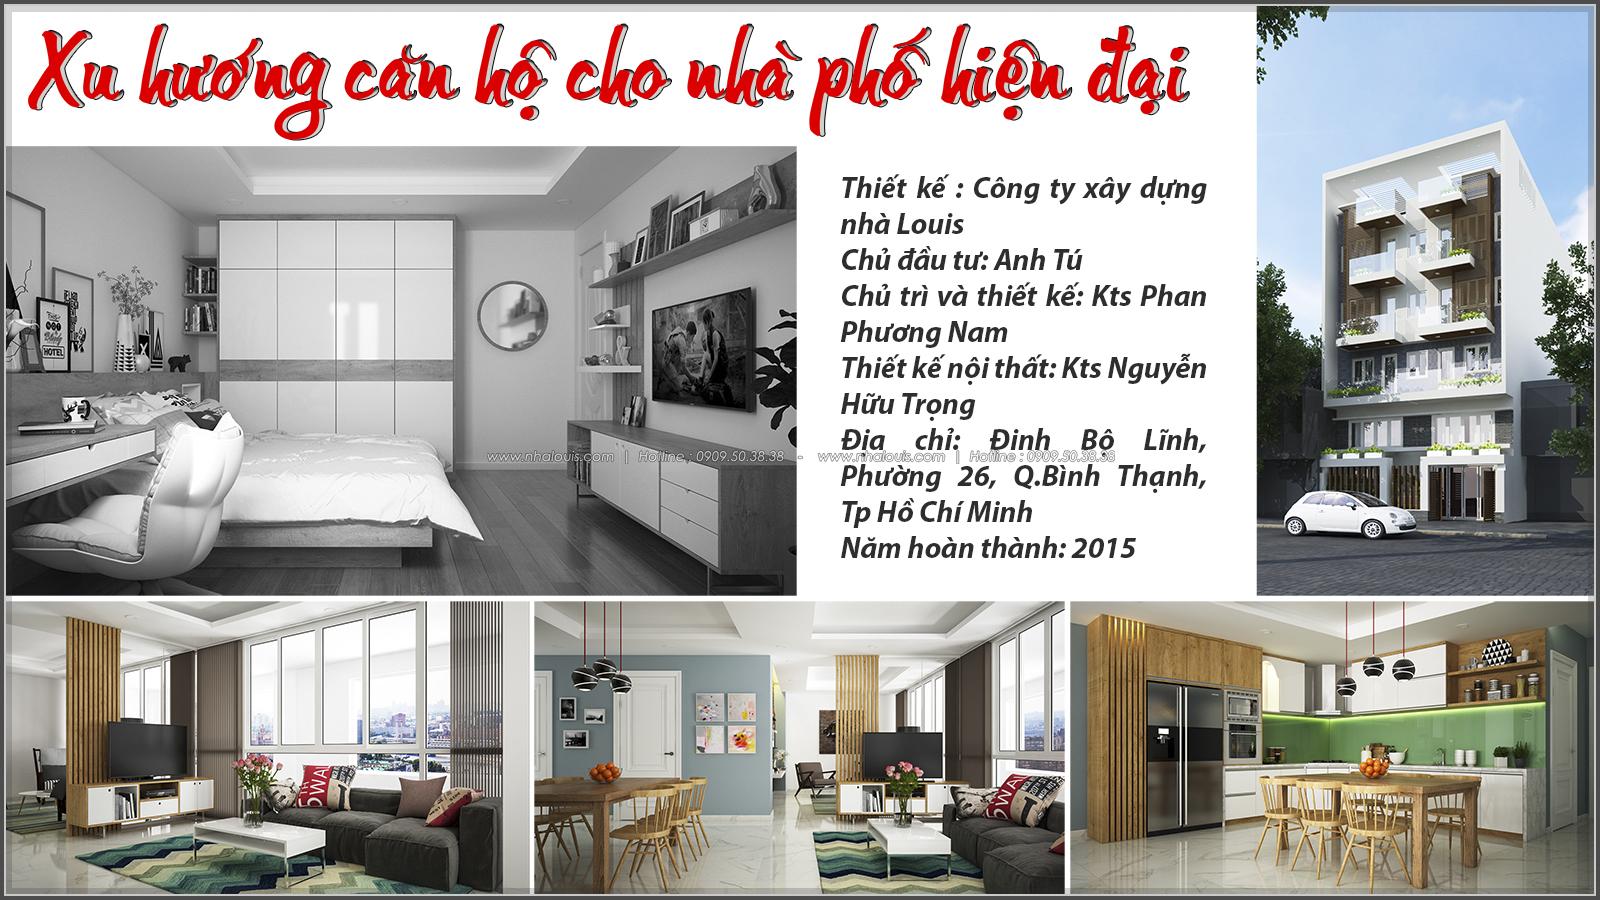 Nhà phố đẹp 4 tầng kinh doanh phòng trọ tại Bình Thạnh - 01